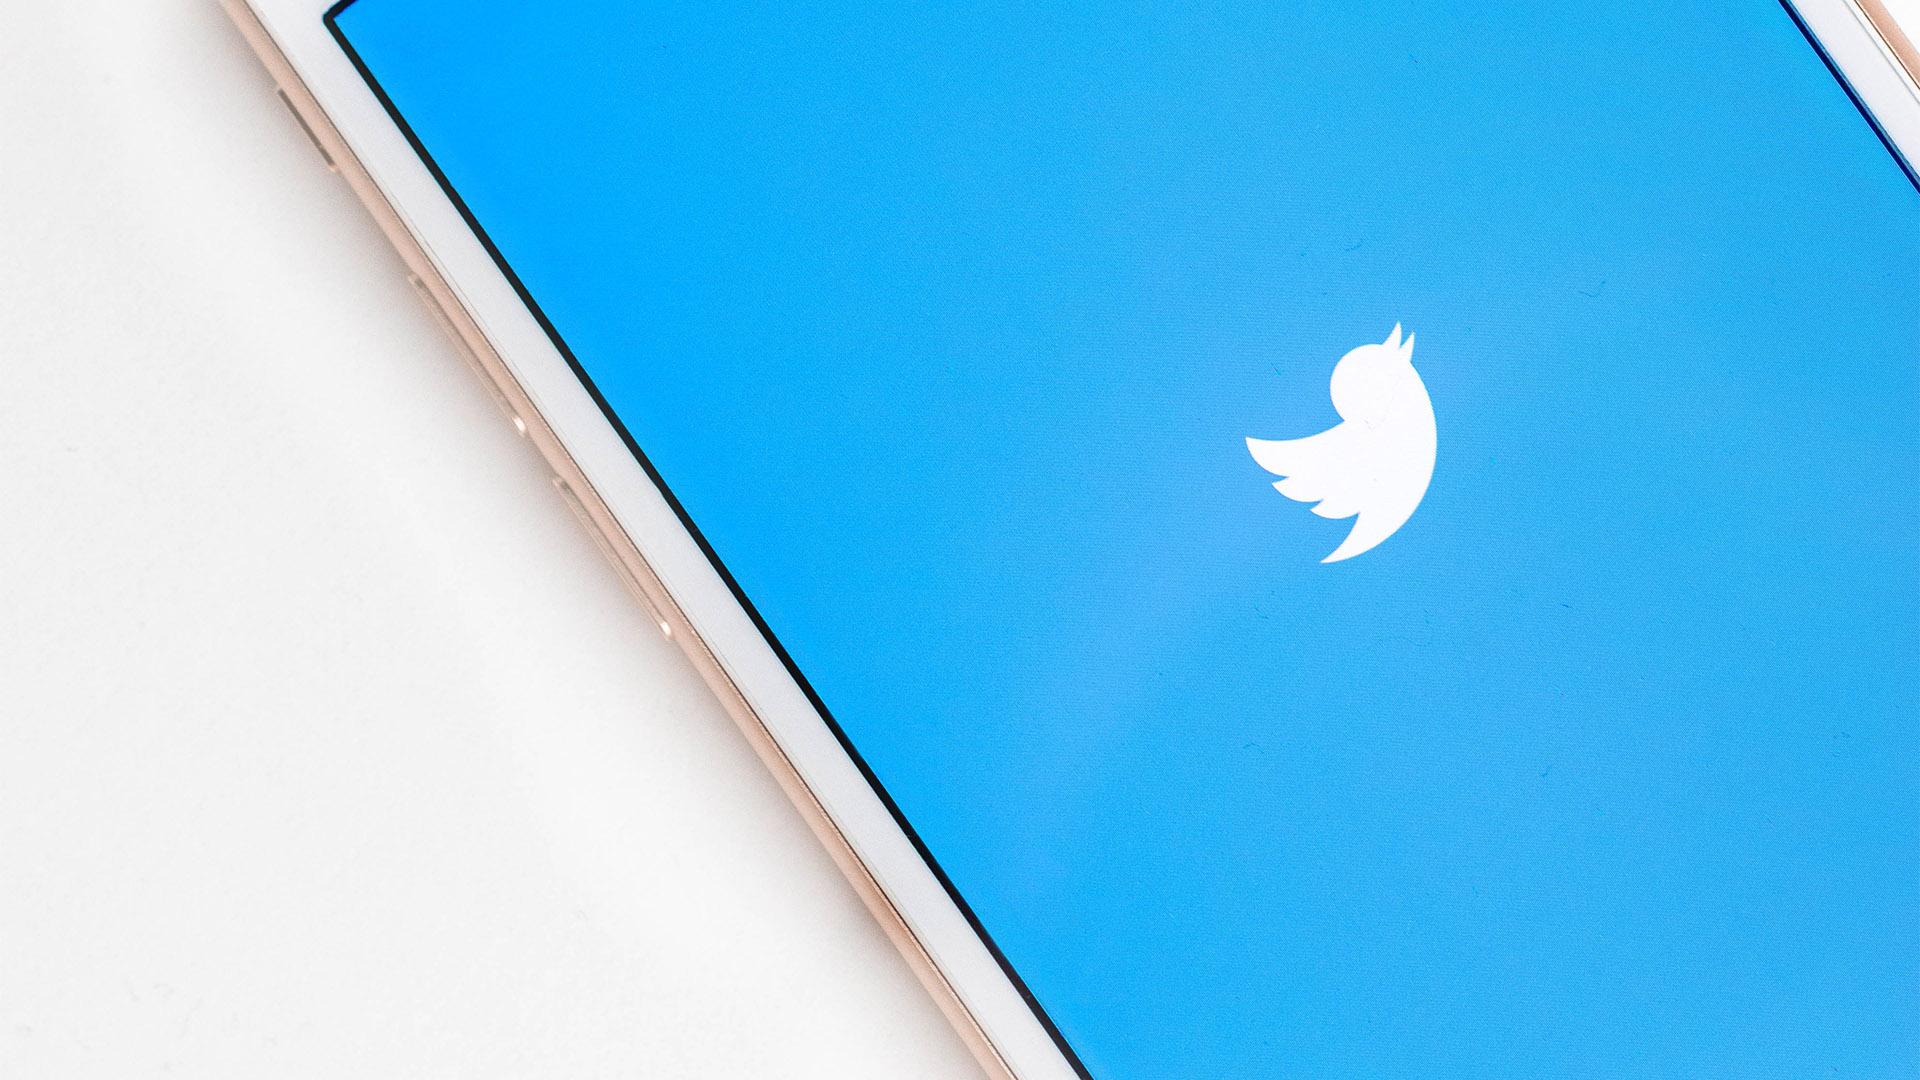 Twitter Mobile App Loading Screen Splash Animation